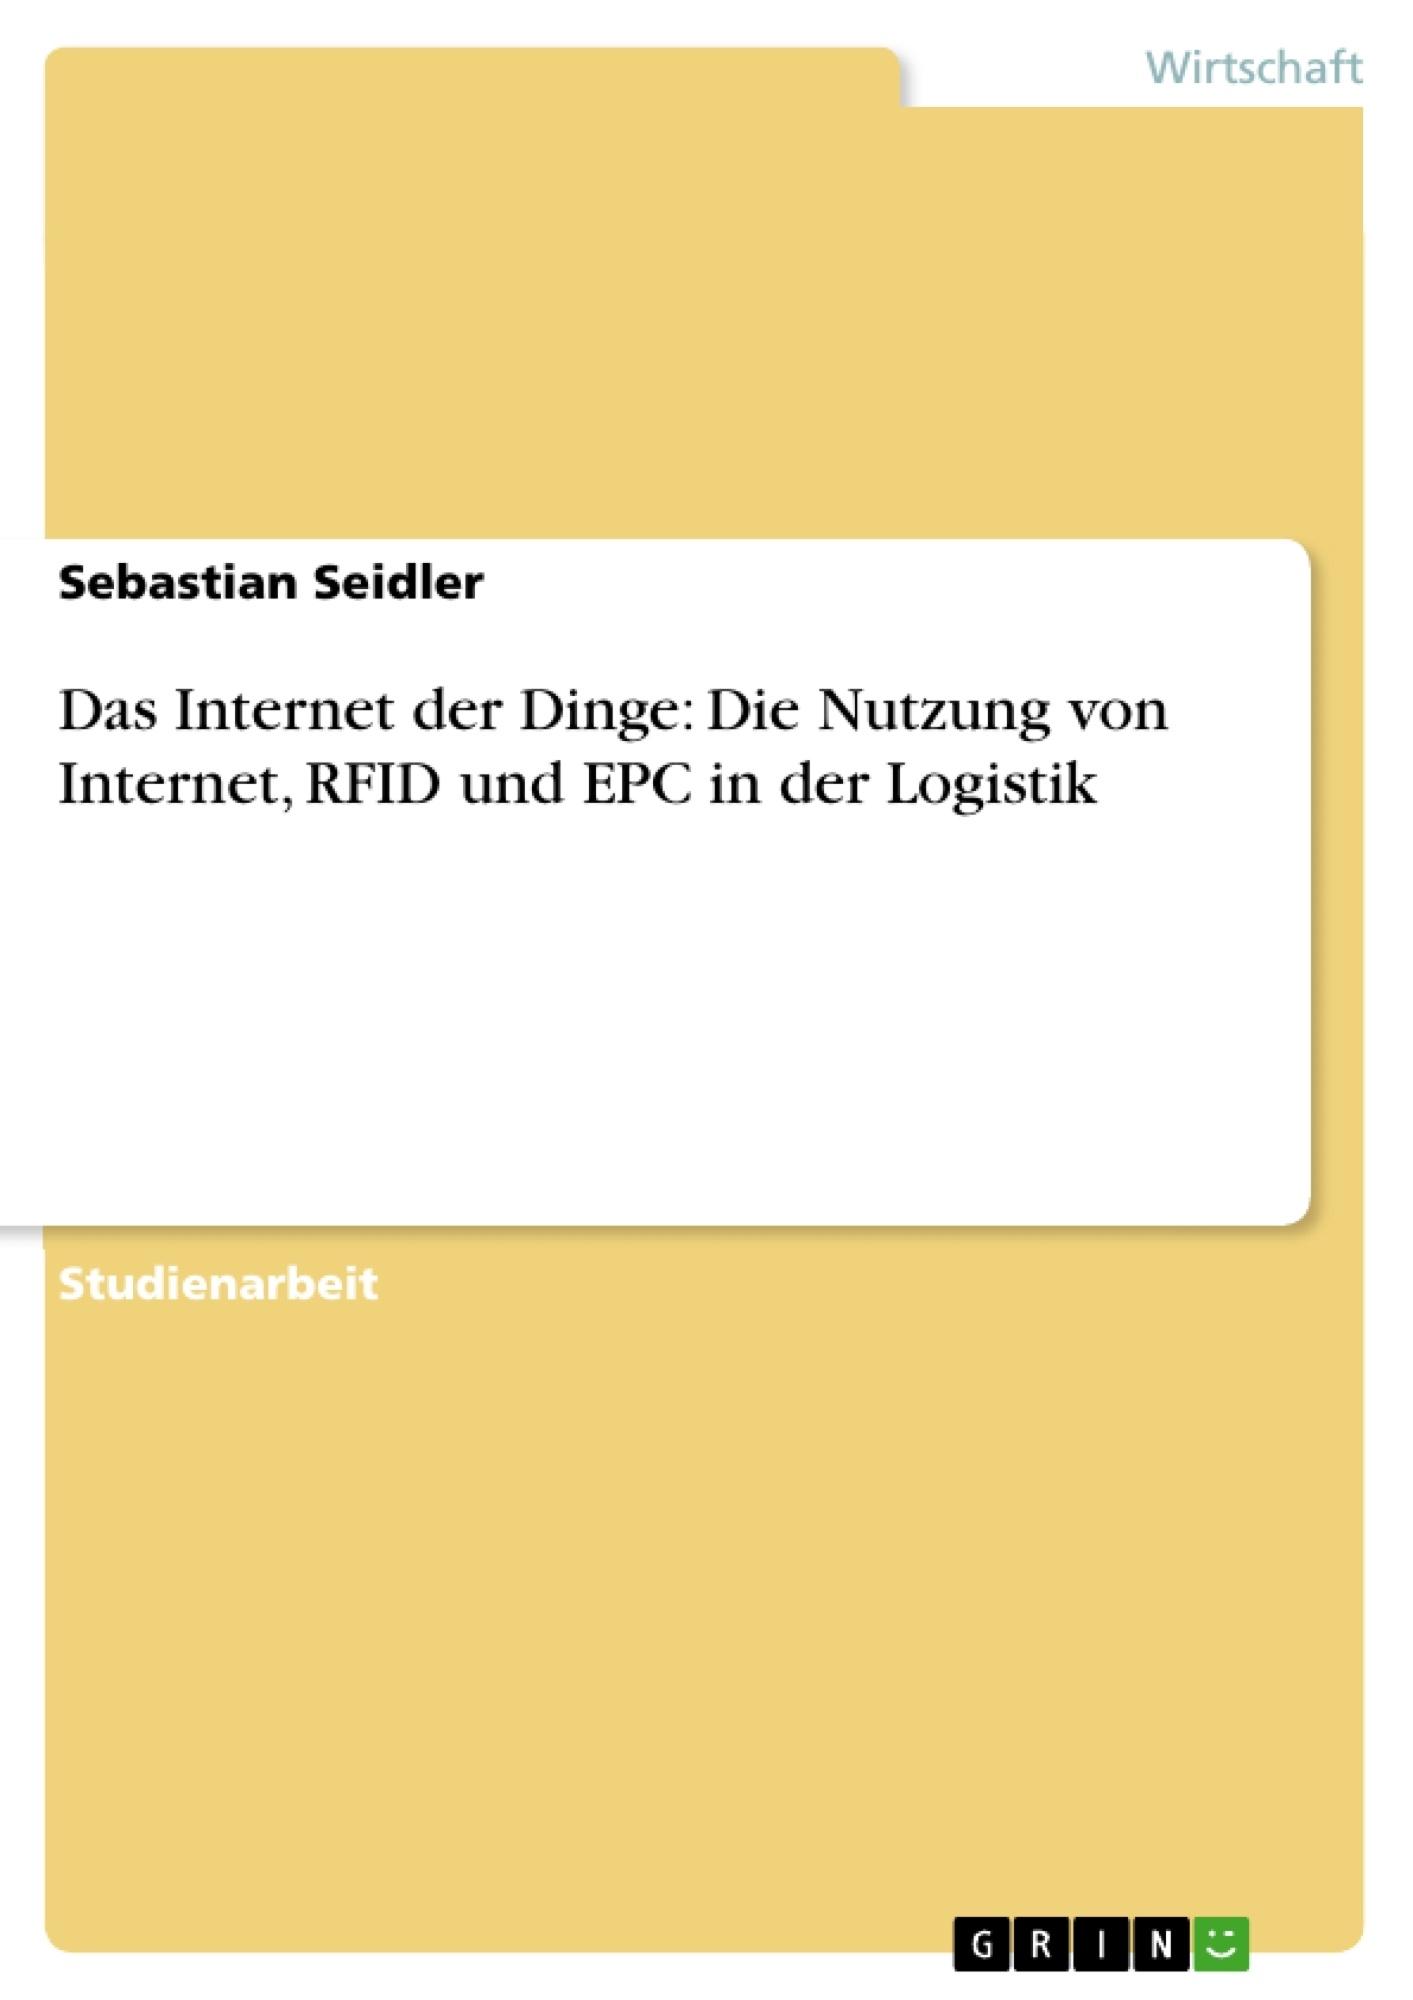 Titel: Das Internet der Dinge: Die Nutzung von Internet, RFID und EPC in der Logistik